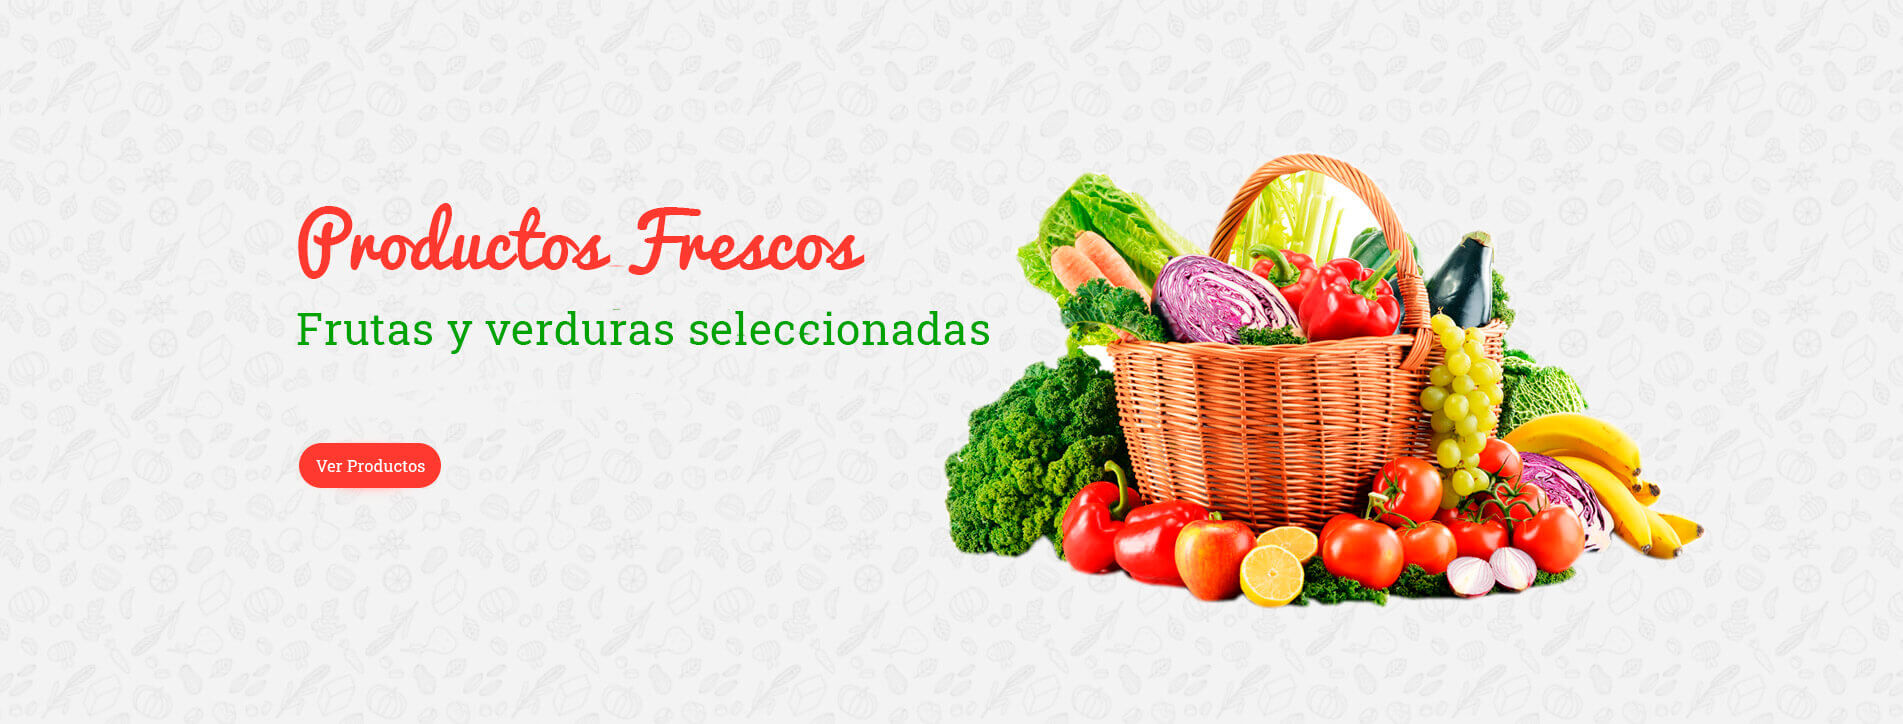 Productos Frescos, Frutas y verduras seleccionadas